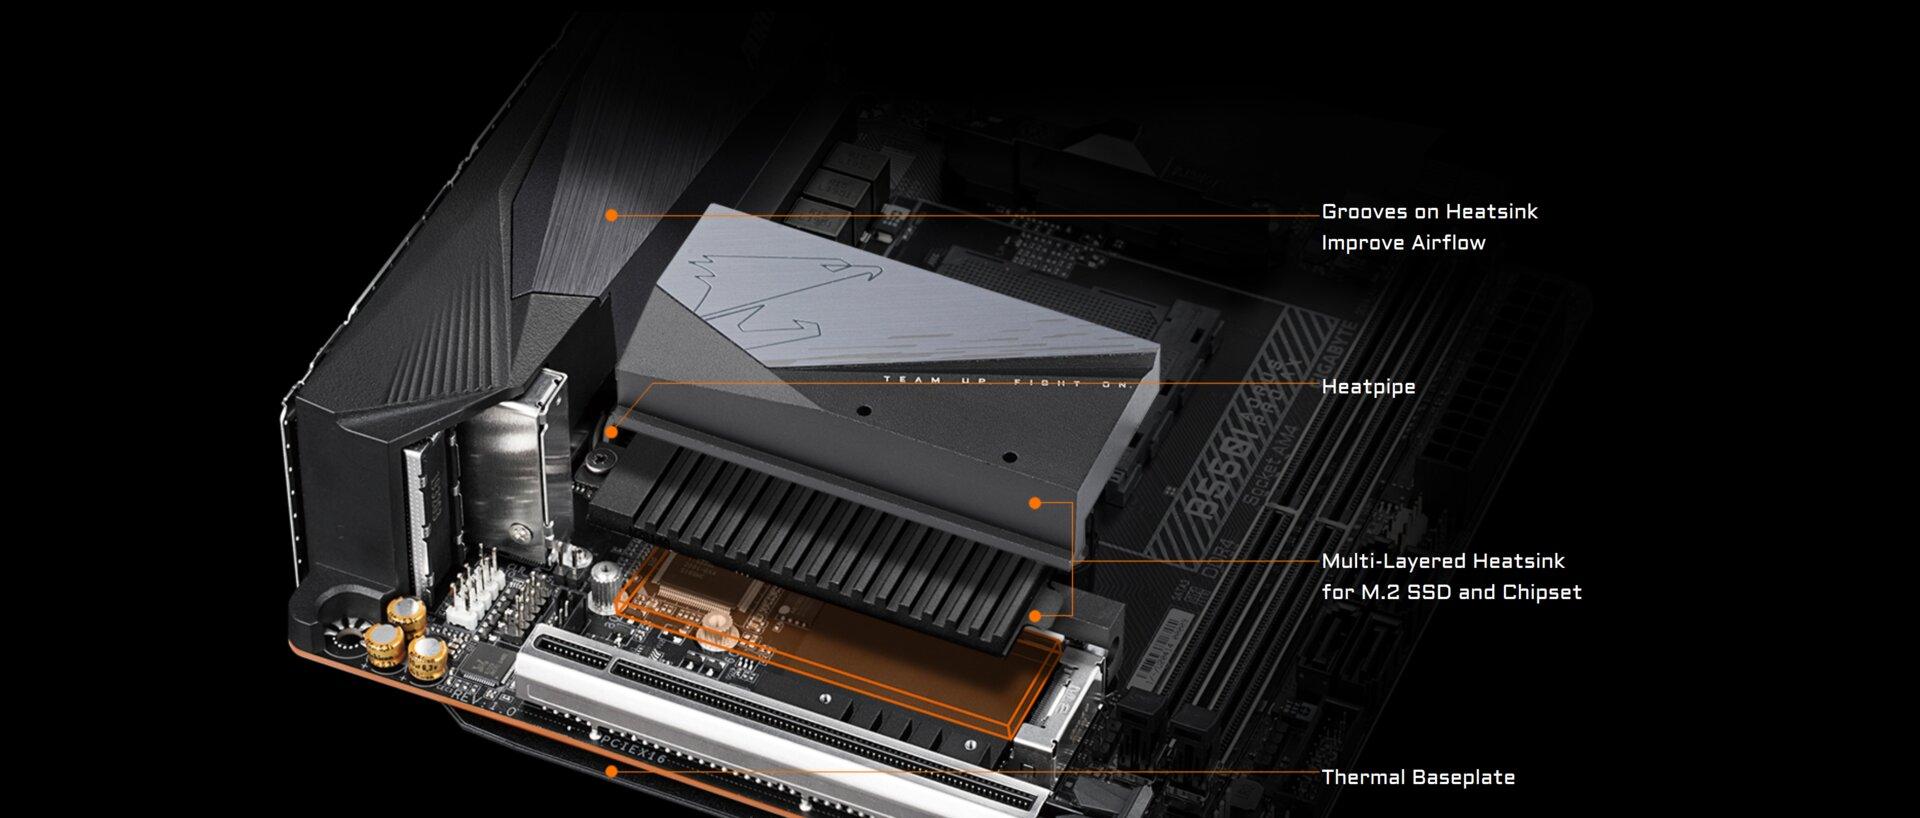 Gigabyte B550I Aorus Pro AX - Kühlung für Spannungswandler und PCIe-SSD im Detail